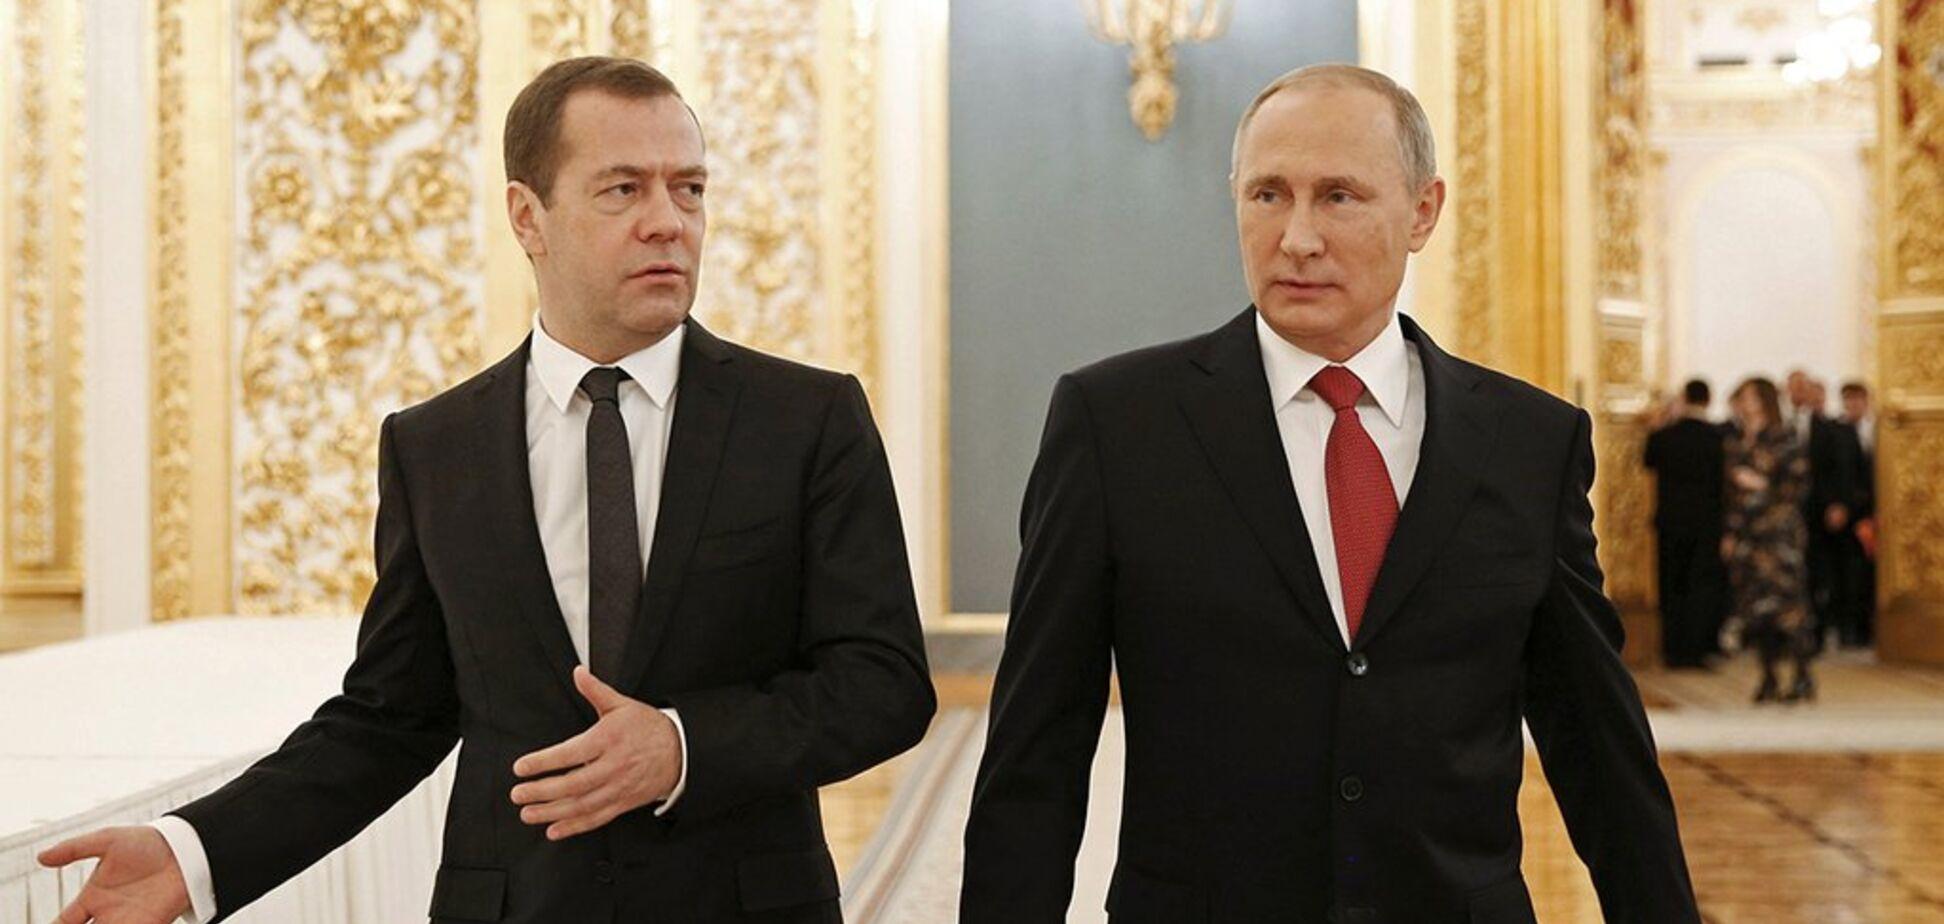 Путин покажет своего преемника в ближайшее время